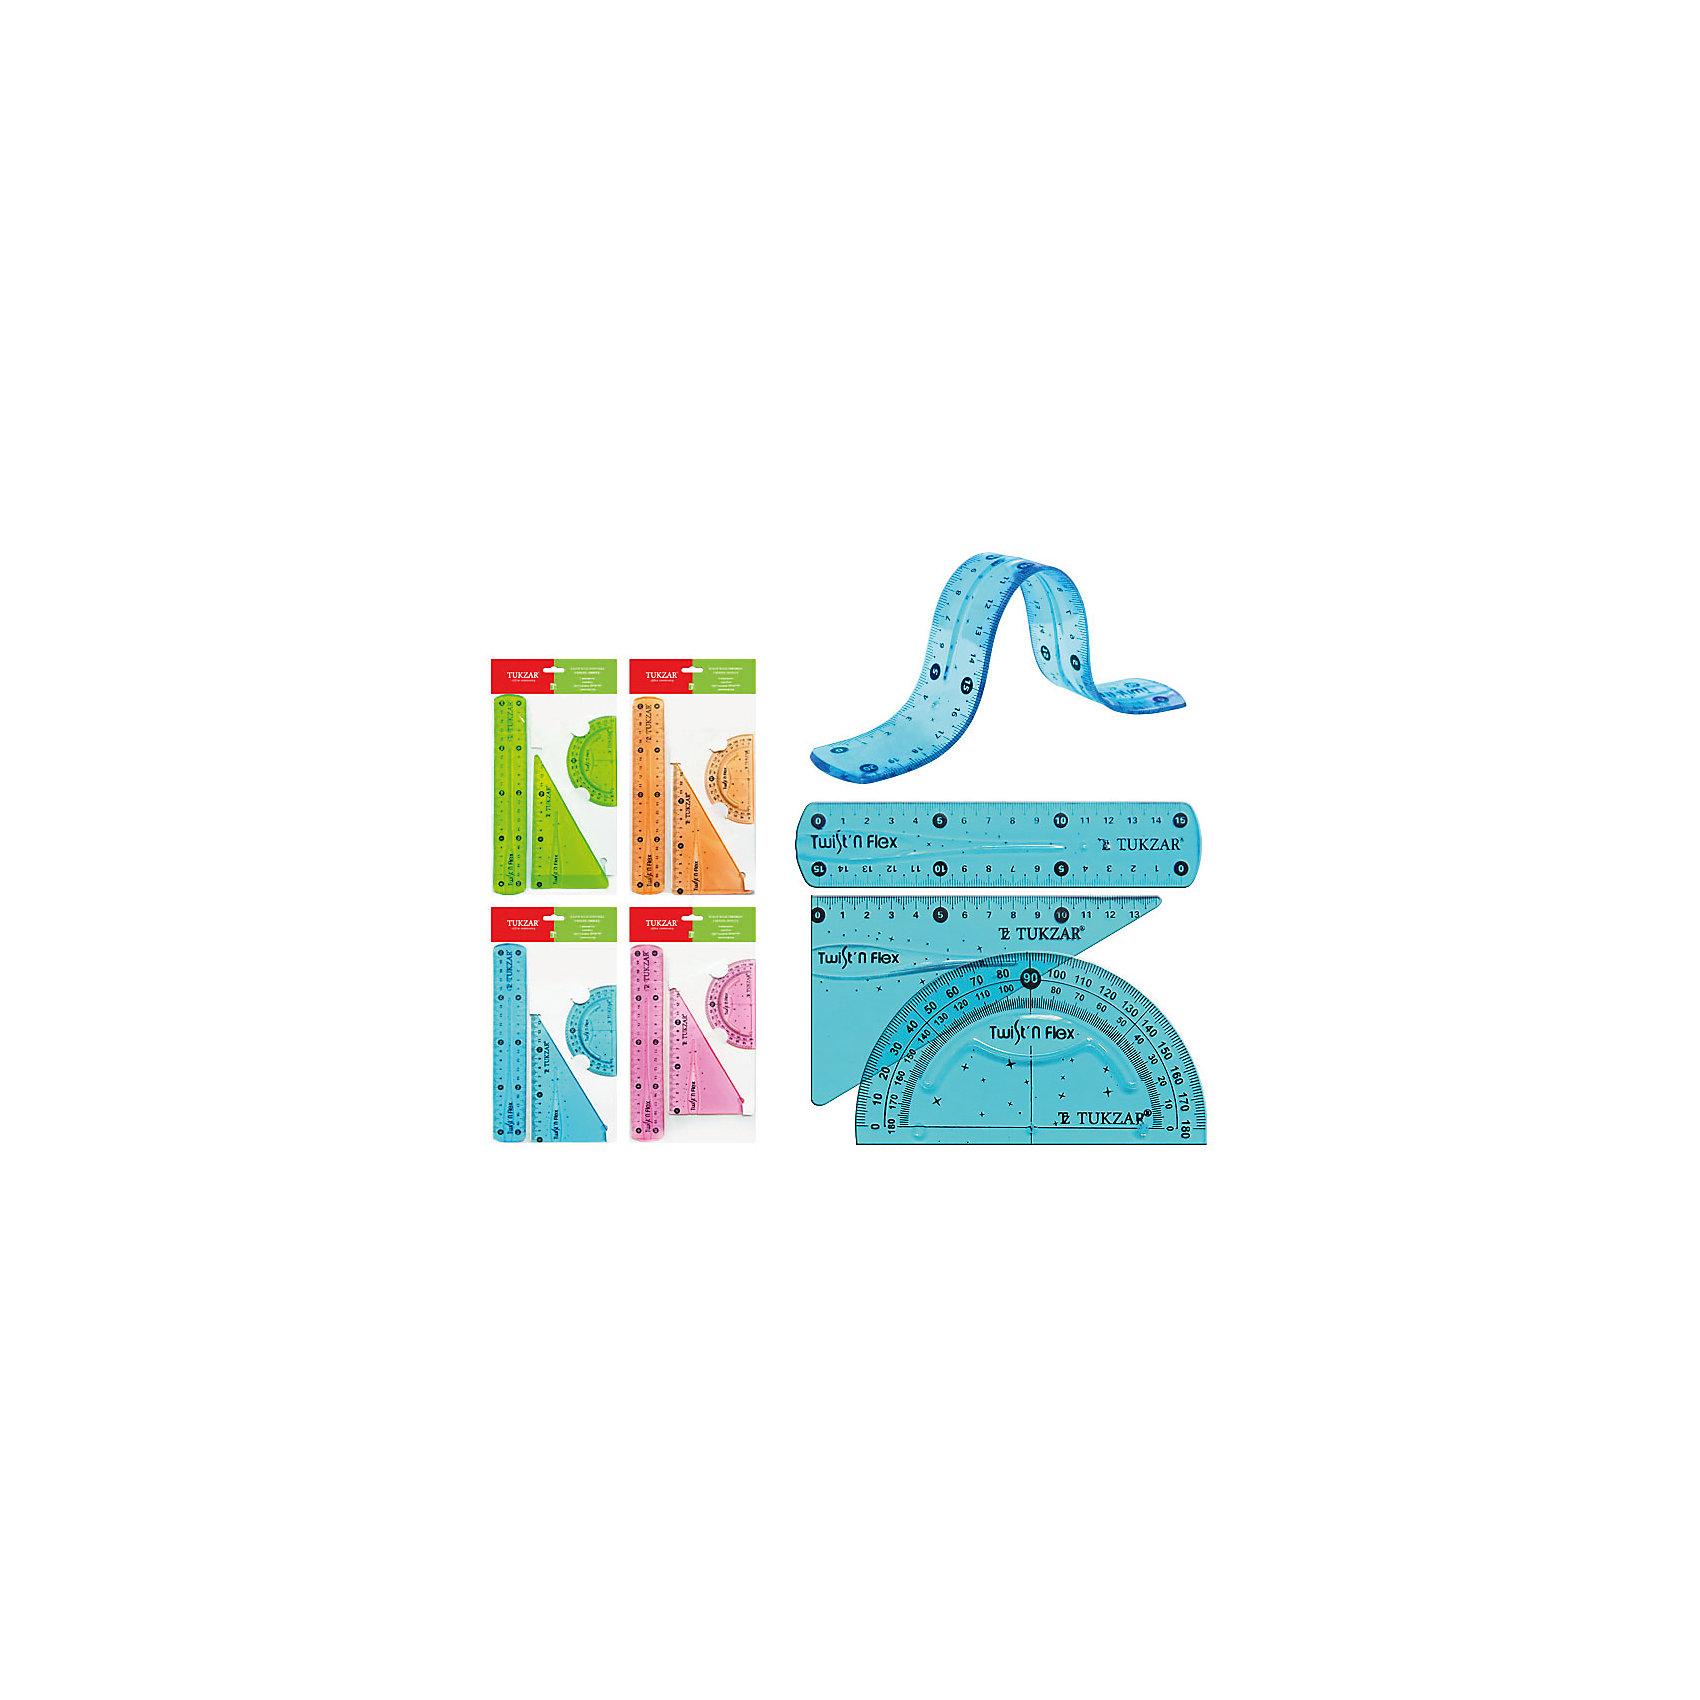 Набор гибких линеек 20 см (в ассортименте)Набор гибких линеек отлично подойдет для школьных занятий и уроков черчения. В комплекте линейка 20 см., треугольник и транспортир. Благодаря особому материалу и гибкости линейки не ломаются и прослужат школьнику в течении всей учебы. В ассортименте 4 расцветки (голубой, зеленый, оранжевый, розовый).<br><br>Дополнительная информация:<br><br>- В комплекте: линейка (20 см.), треугольник (3 х 6 х 9 см.), транспортир.<br>- Материал: пластик.<br>- Размер упаковки: 30 х 5 х 2 см.<br>- Вес: 20 гр.<br><br>Набор гибких линеек можно, Tukzar, купить в нашем интернет-магазине.<br><br>ВНИМАНИЕ! Данный артикул имеется в наличии в разных цветовых исполнениях (голубой, зеленый, оранжевый, розовый). К сожалению, заранее выбрать определенный цвет не возможно.<br><br>Ширина мм: 300<br>Глубина мм: 50<br>Высота мм: 20<br>Вес г: 20<br>Возраст от месяцев: 36<br>Возраст до месяцев: 144<br>Пол: Унисекс<br>Возраст: Детский<br>SKU: 4037259